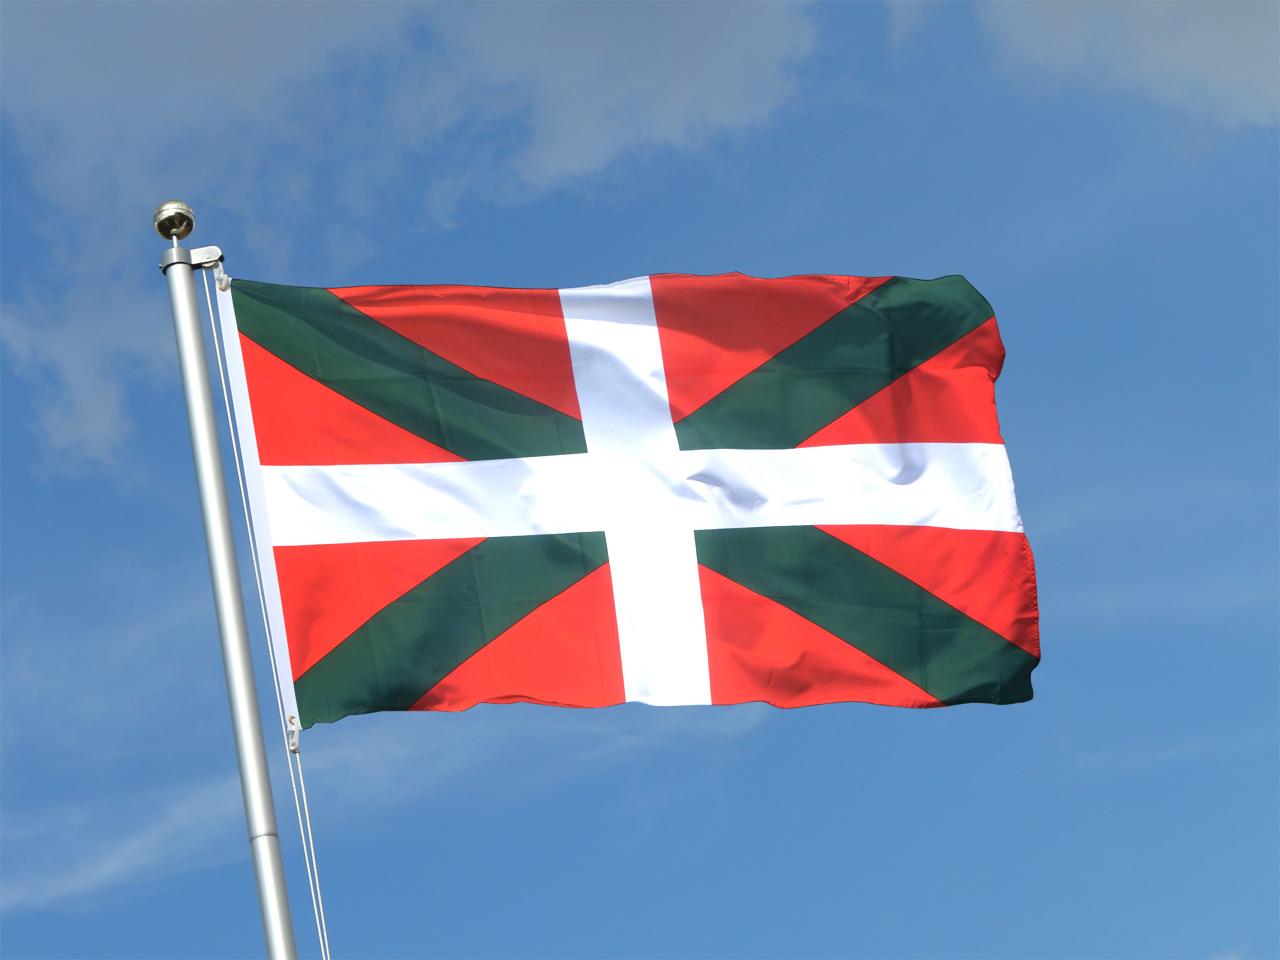 Spanien baskenland fahne kaufen 90 x 150 cm for Dekoration spanien